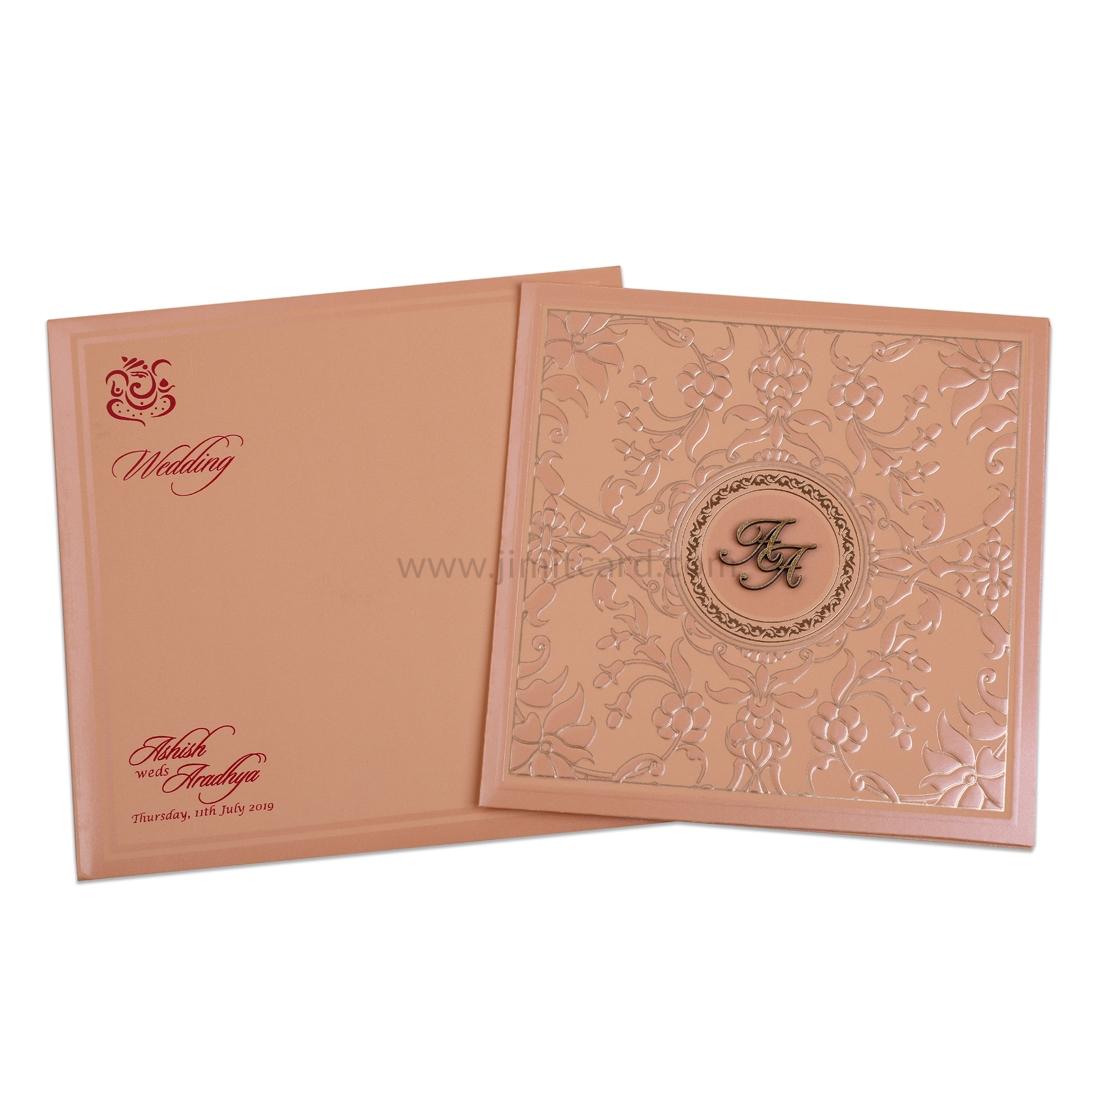 Peach Wedding Invitation Card with Shinny Peach Floral Embedded Designs-0